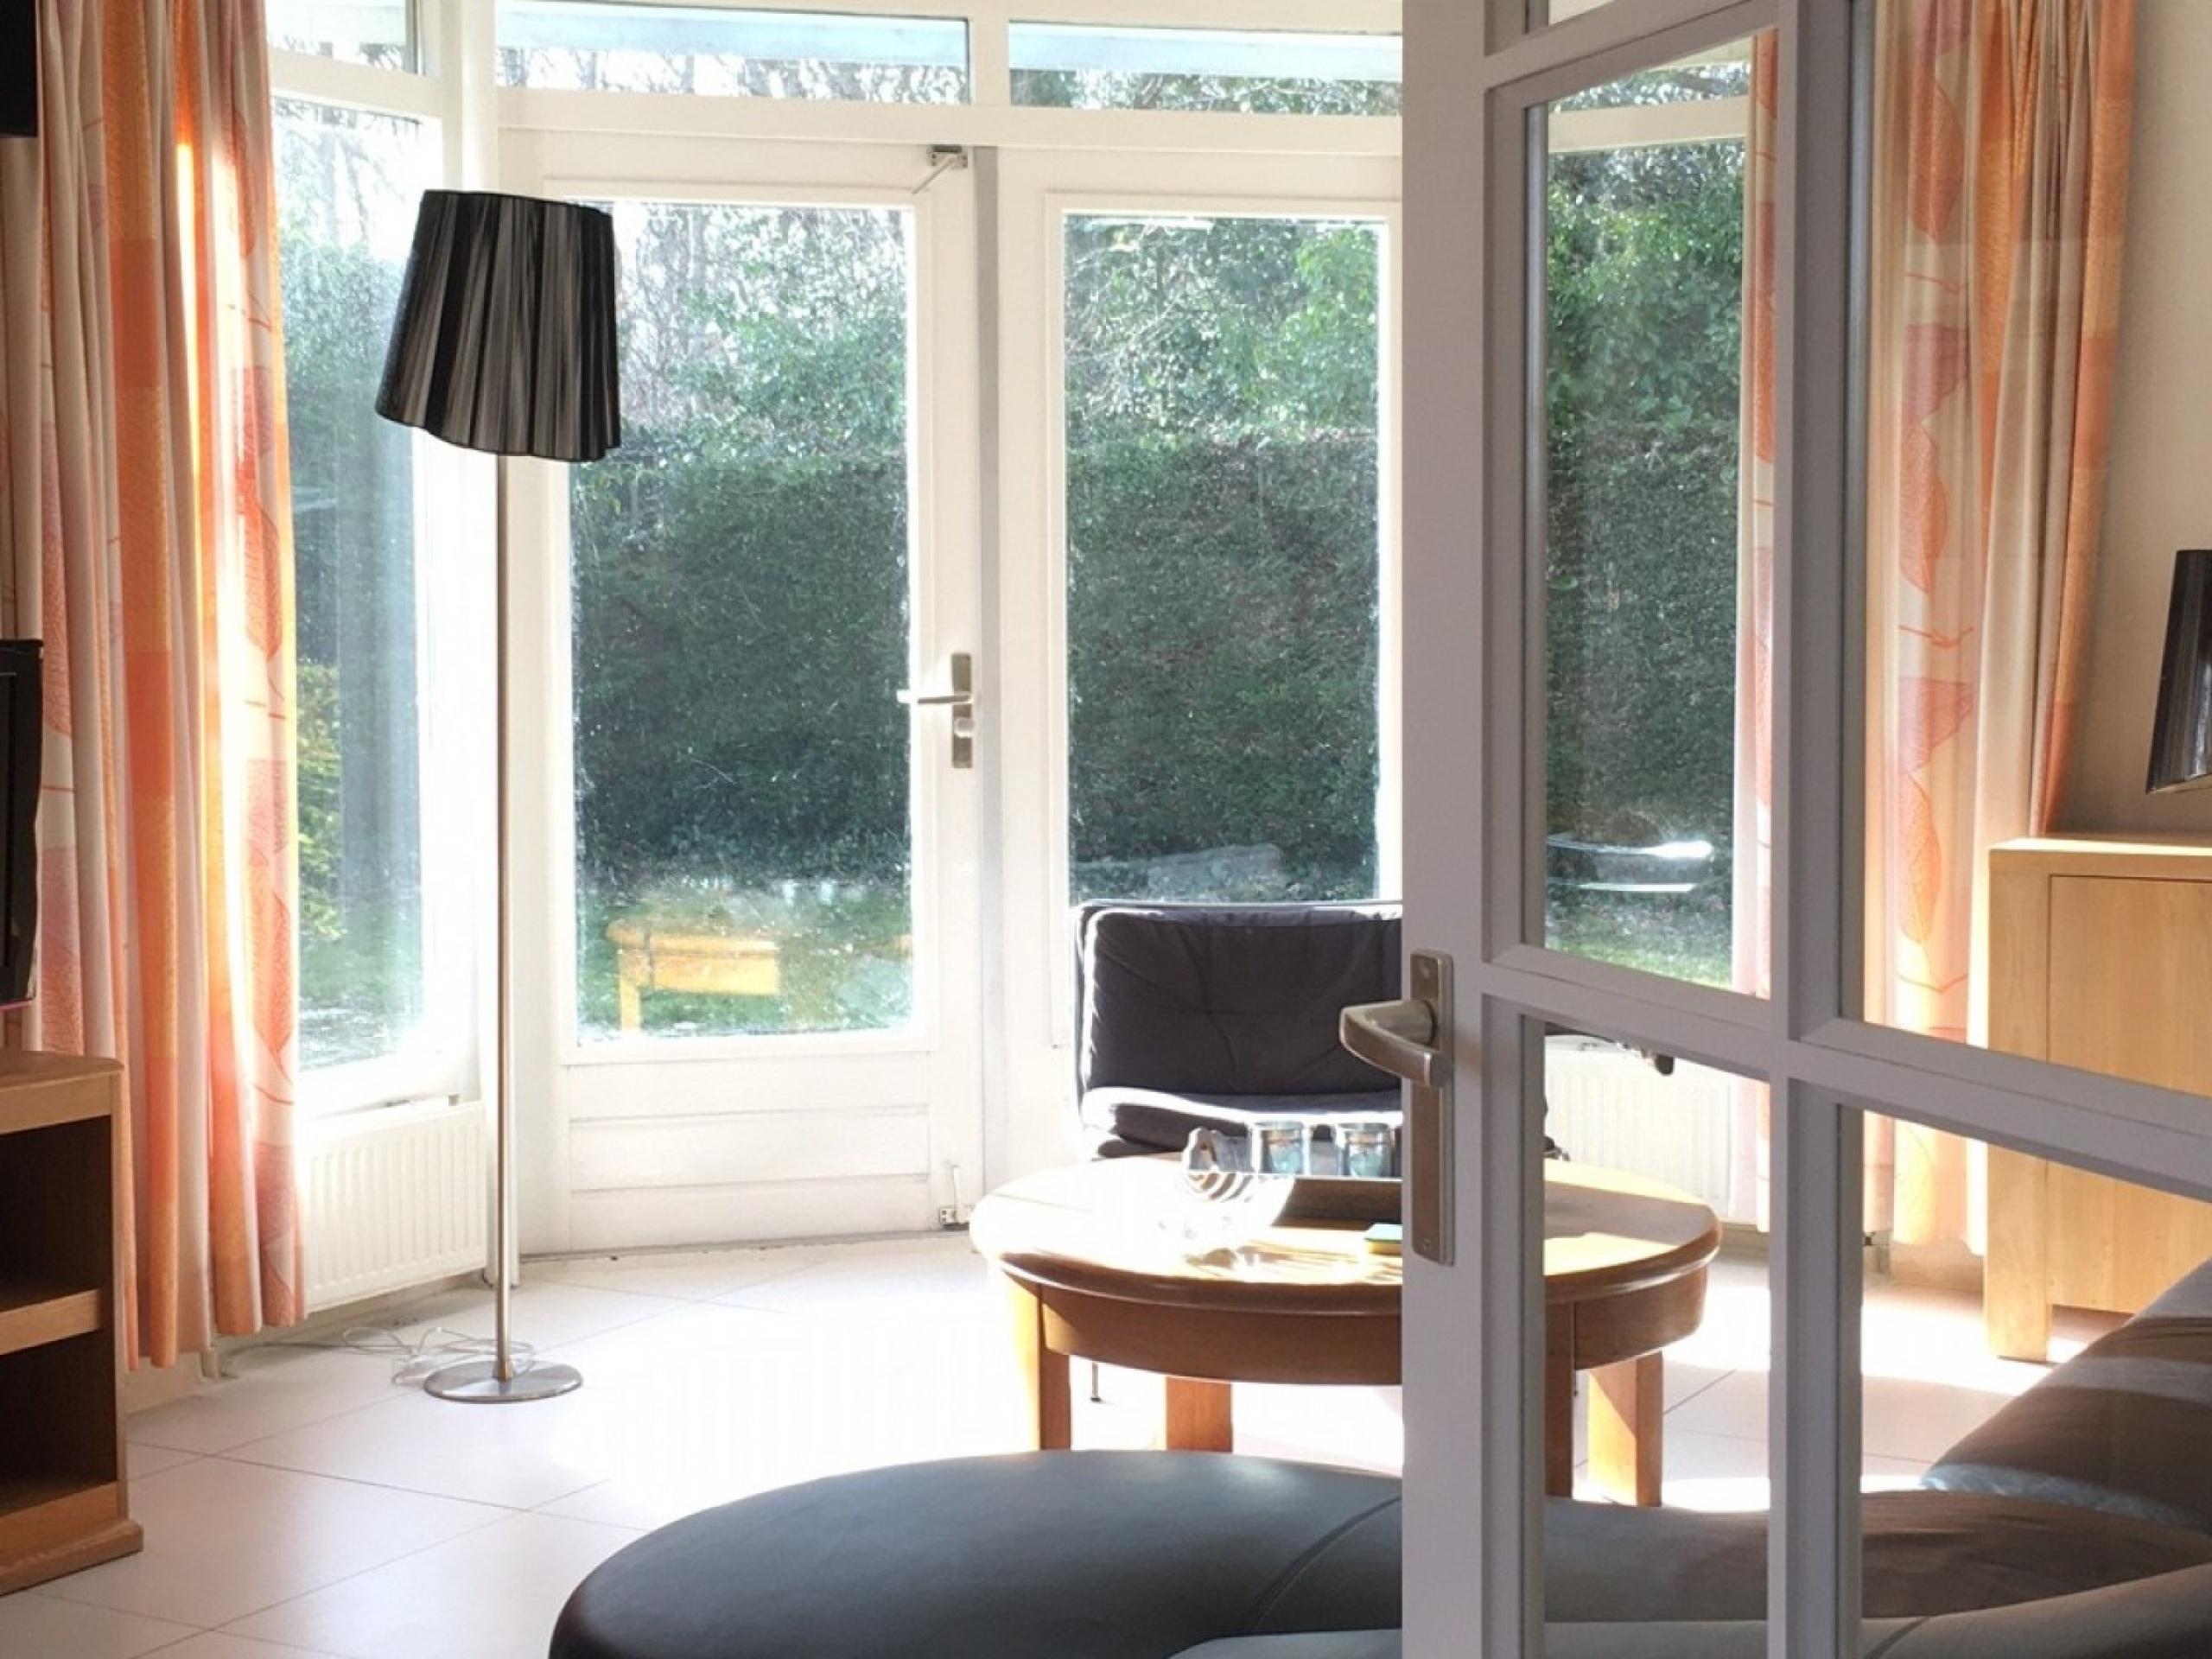 Vakantie vieren in stijl in luxe vakantiehuis aan de rand van De Koog